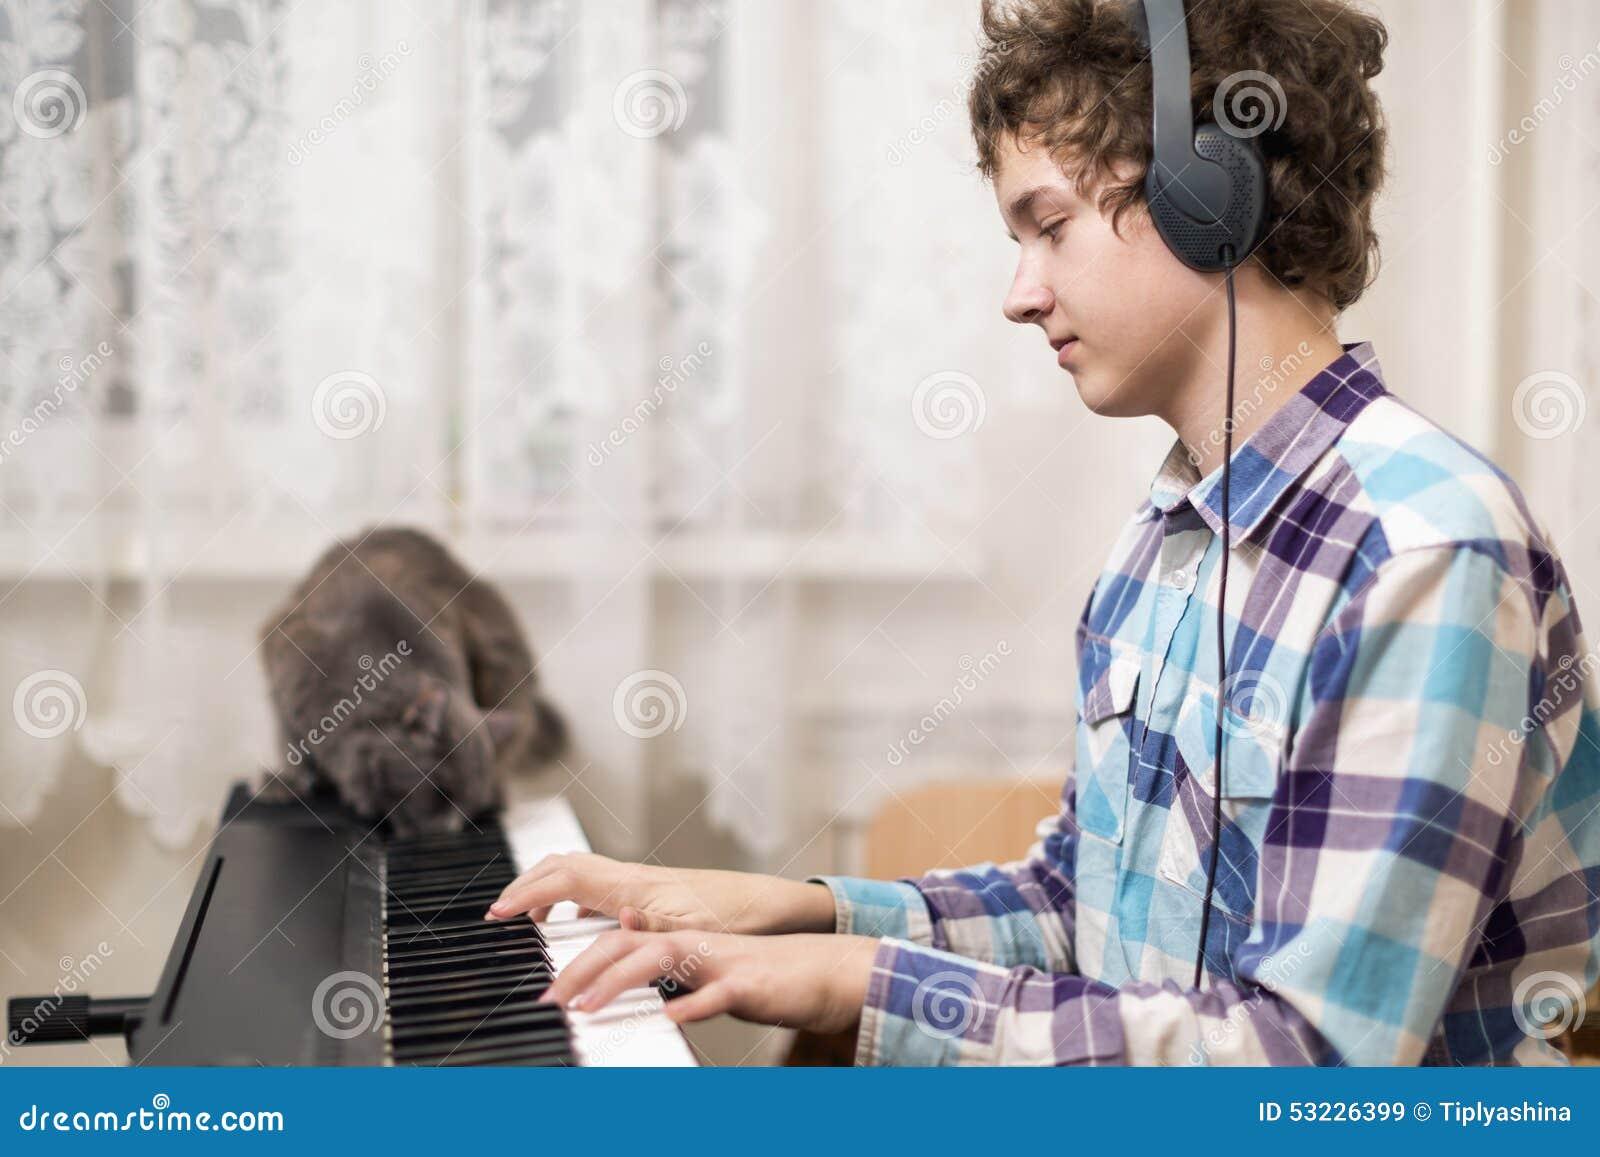 El muchacho juega el piano